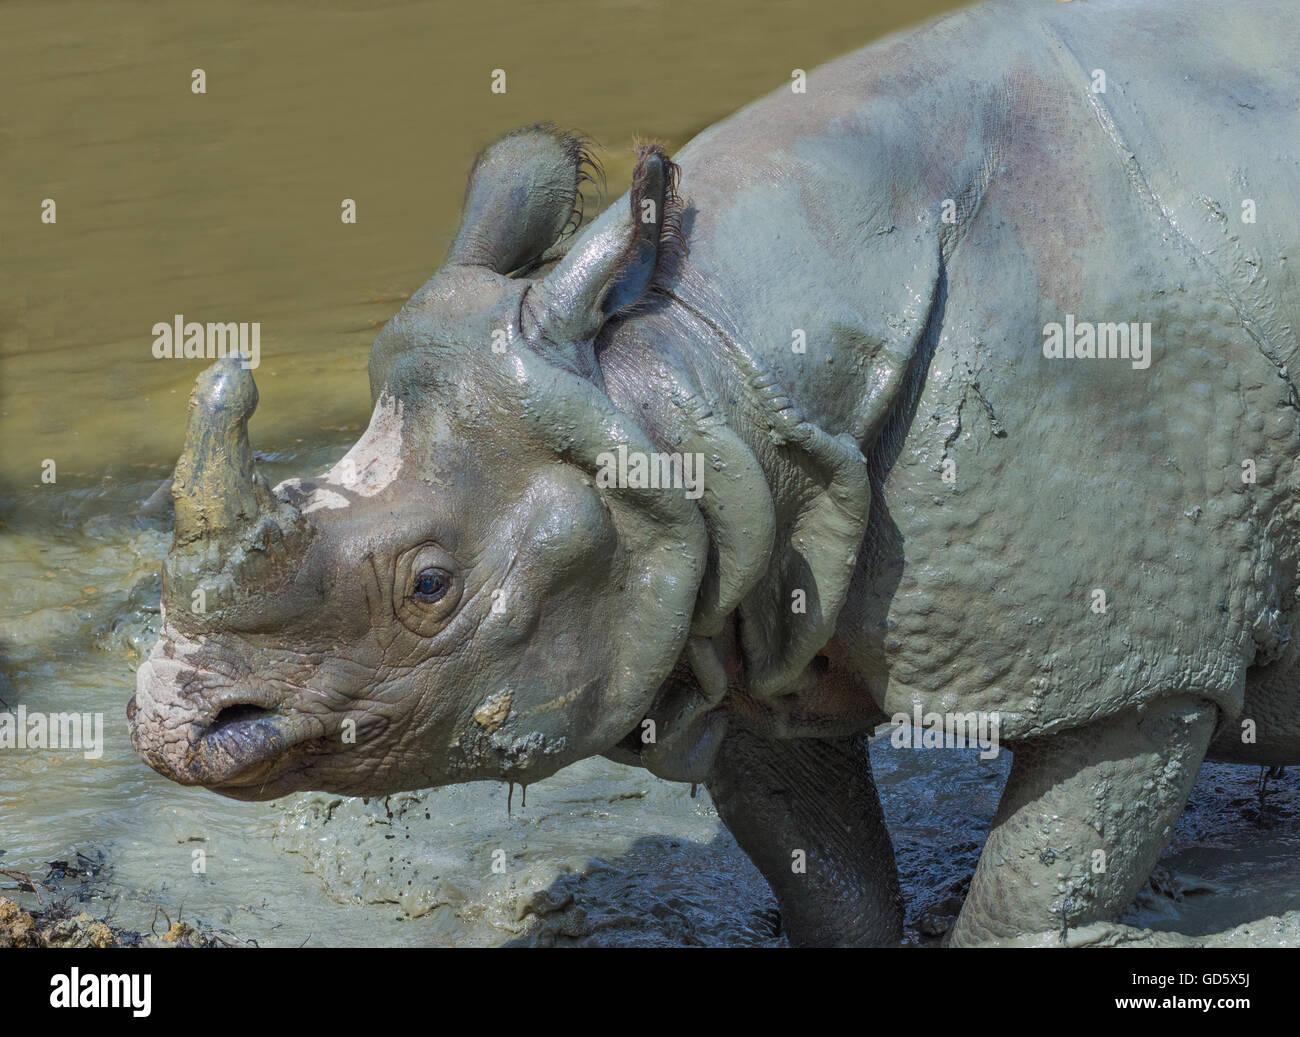 White Rhino close-up, Vienna - Stock Image